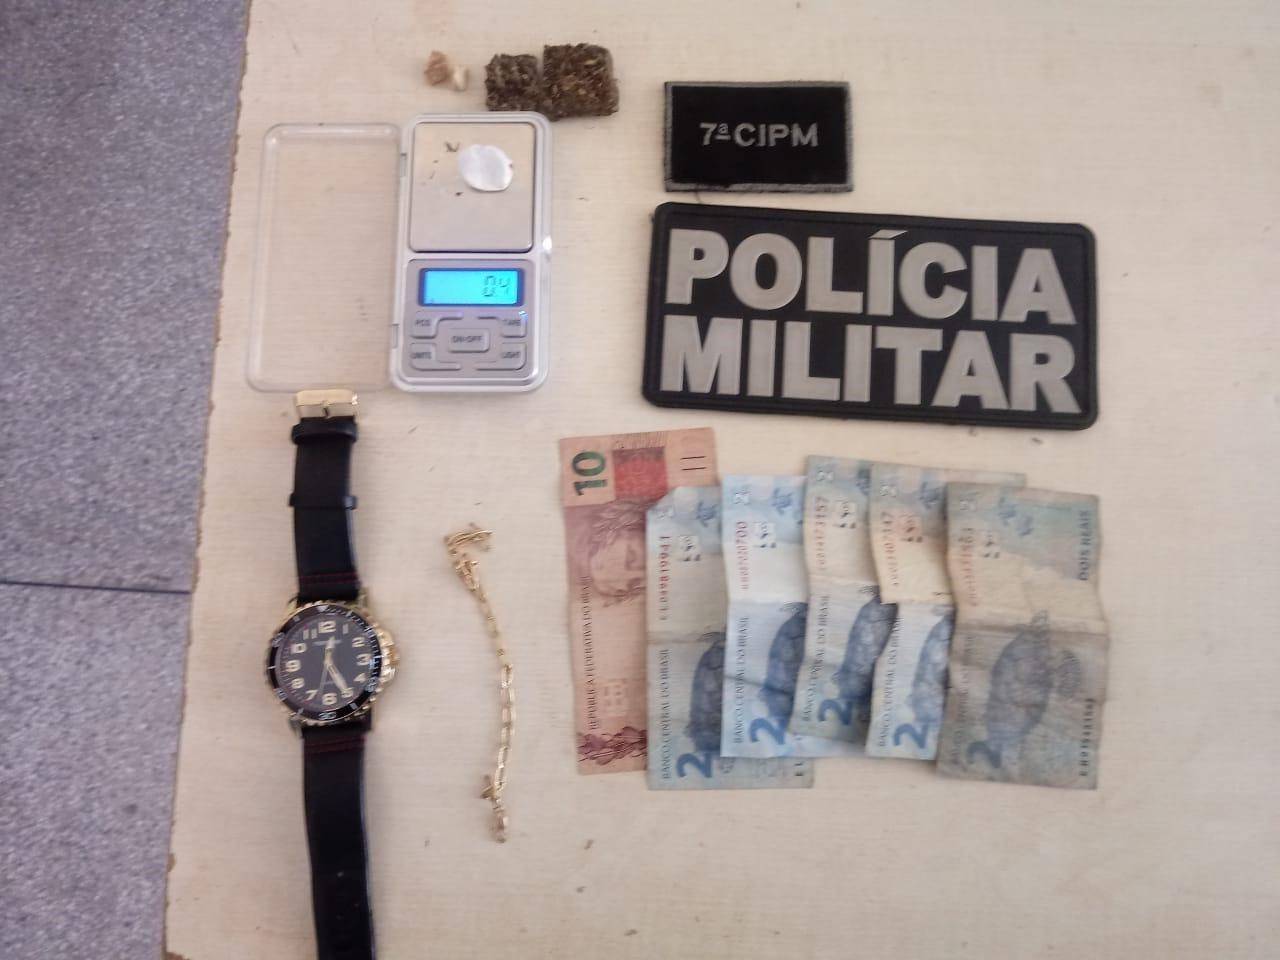 Dupla é presa em Altamira suspeita de comandar esquema de tráfico de drogas